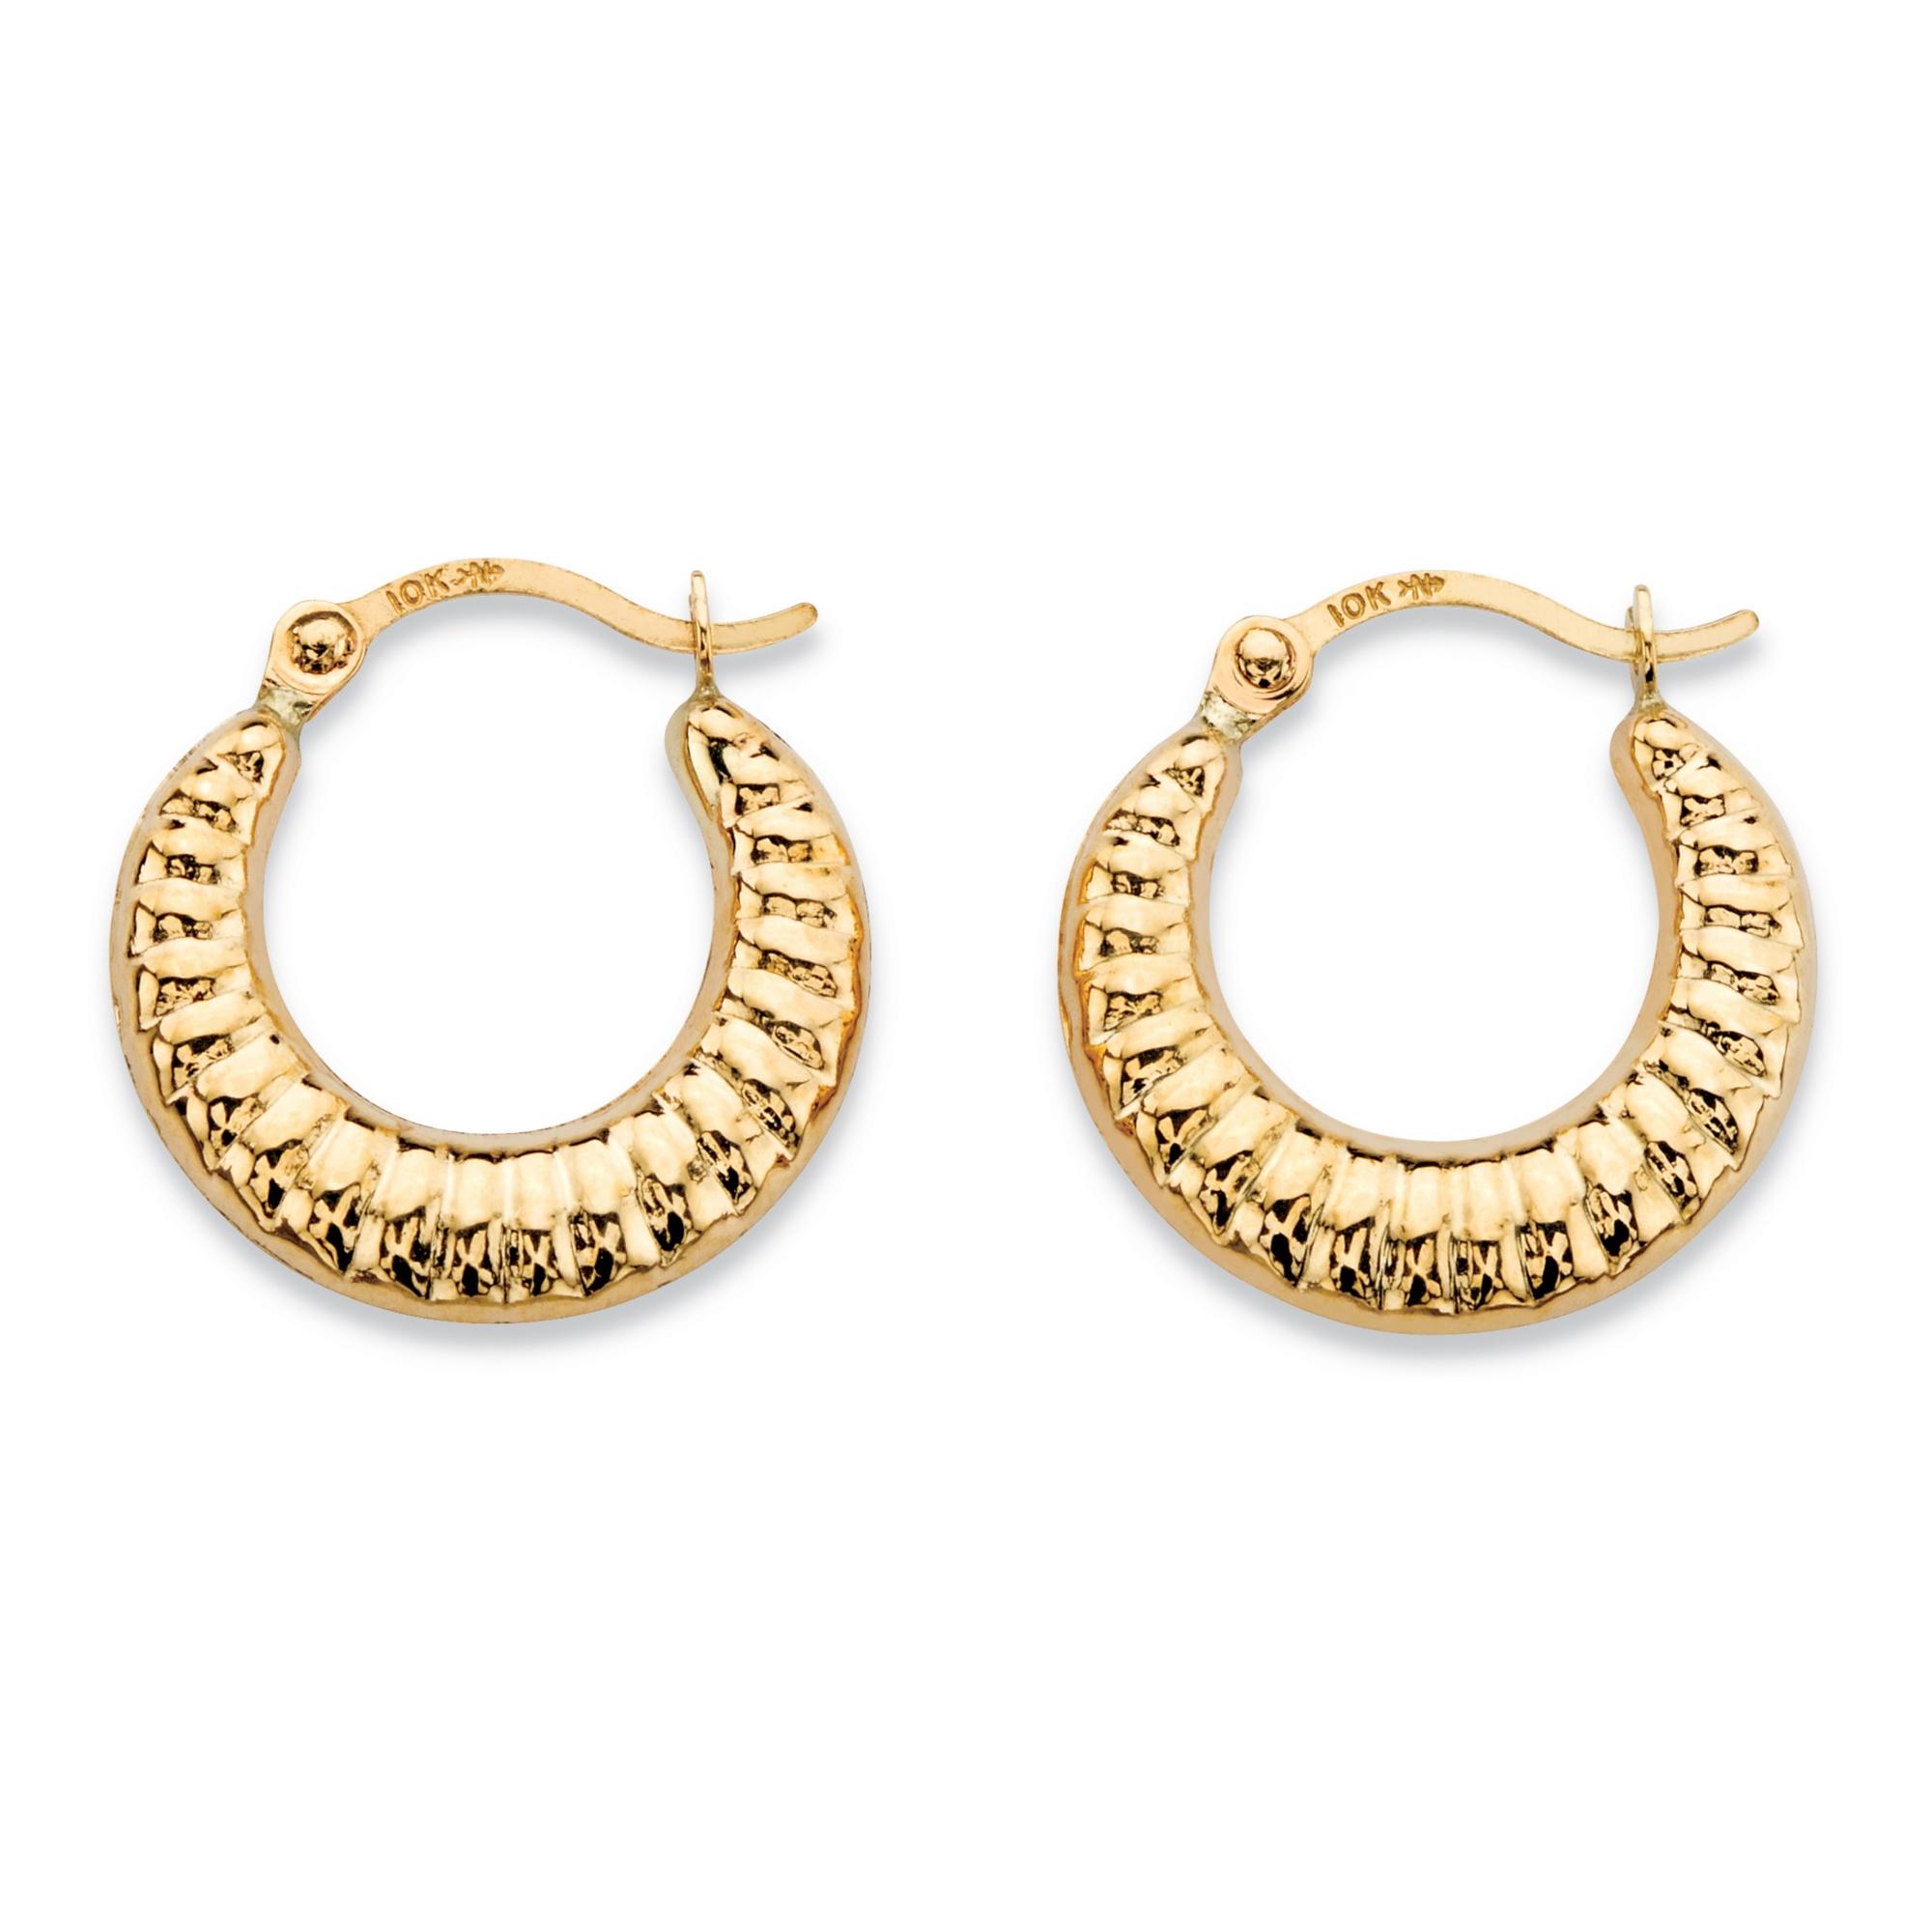 5e0e26c00486c Shrimp-Style Hoop Earrings in 10k Yellow Gold (5/8